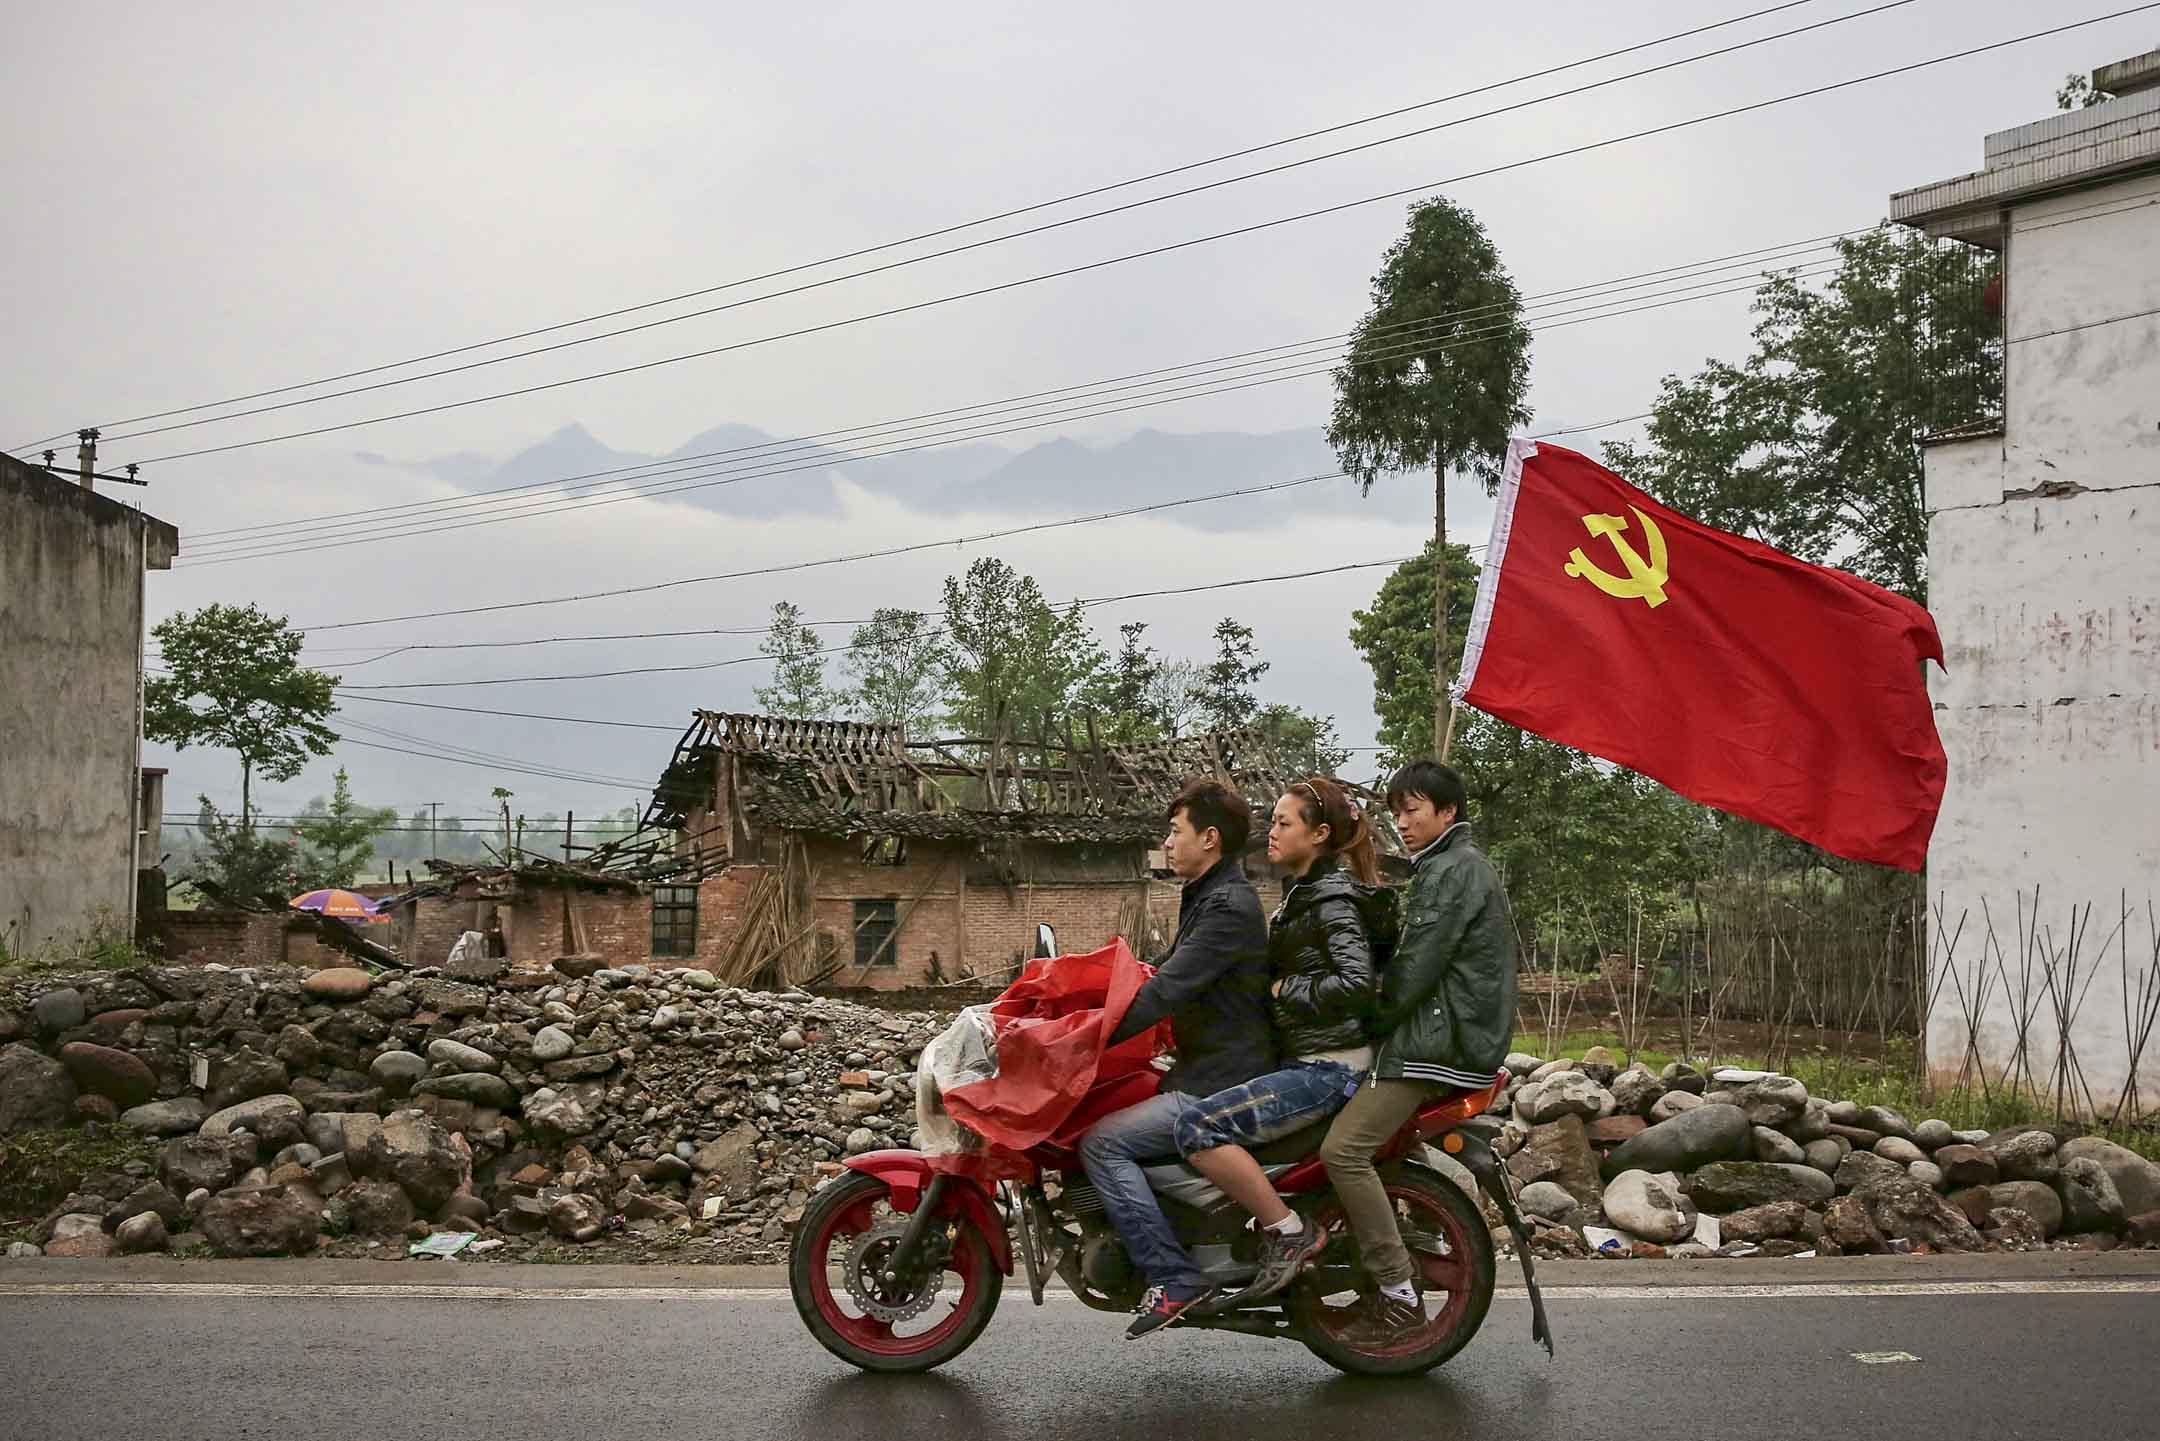 余英時:極權體系在短期內也許可以維持一種表面上的「穩定」,但是暗地裏卻在不斷弱化之中。用馬克思主義的語言來說,量變總有抵達質變的一天。 攝:Feng Li/Getty Images